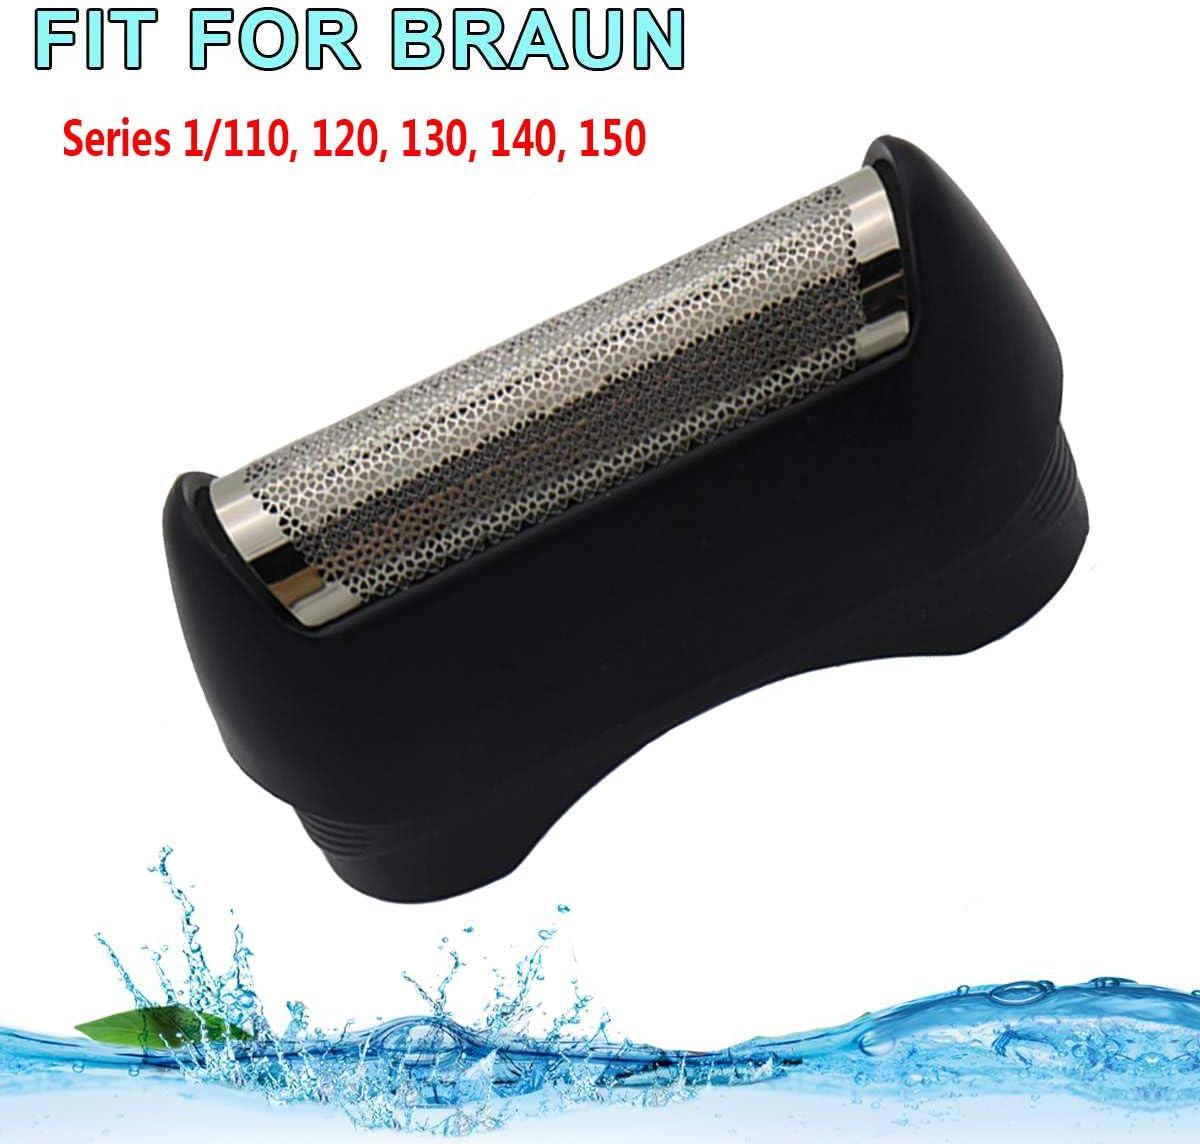 11B Cabezales de afeitado para Braun Afeitadora Hombre serie 1 120 ...